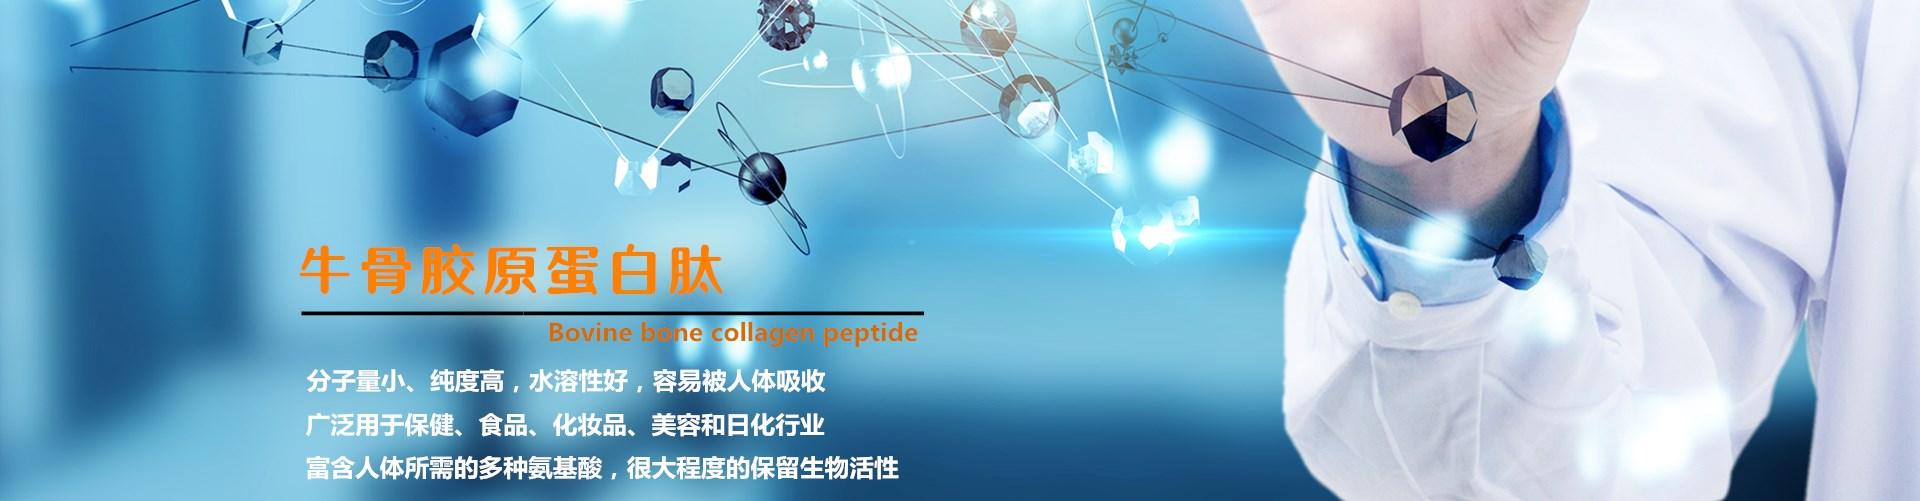 http://www.gsktsw.com/data/images/slide/20190912170843_694.jpg